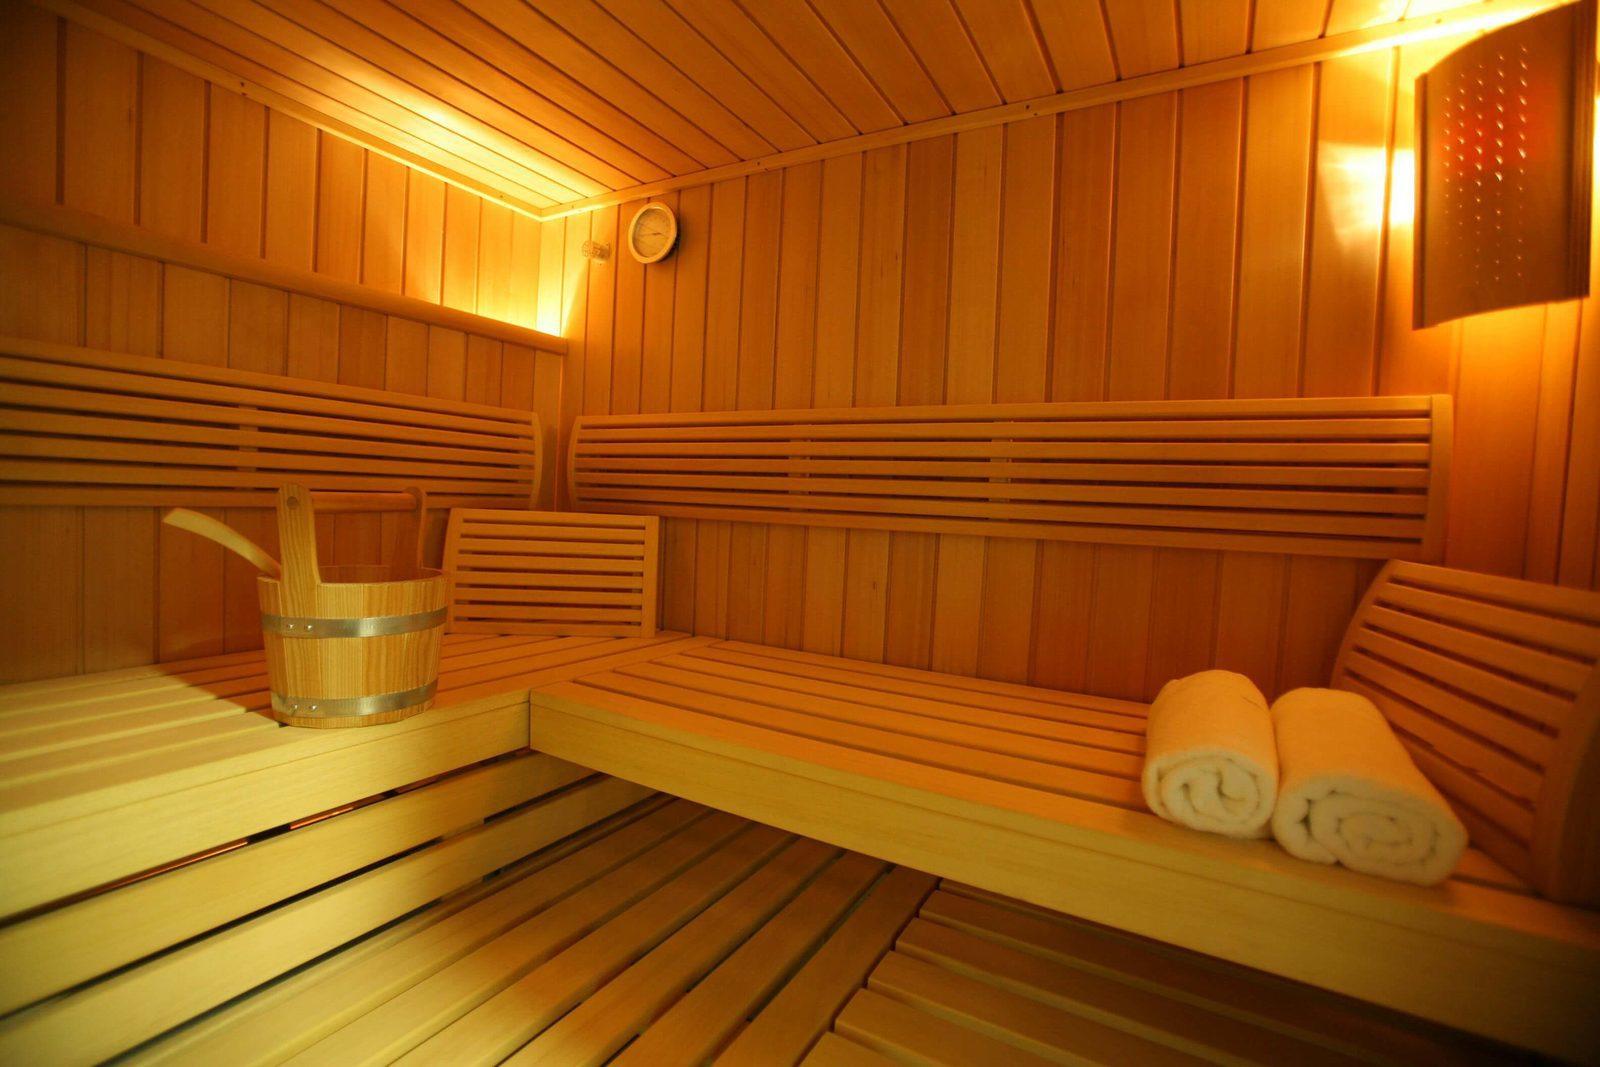 Vakantiehuizen met sauna in Nederland, Belgie, Frankrijk, Duitsland